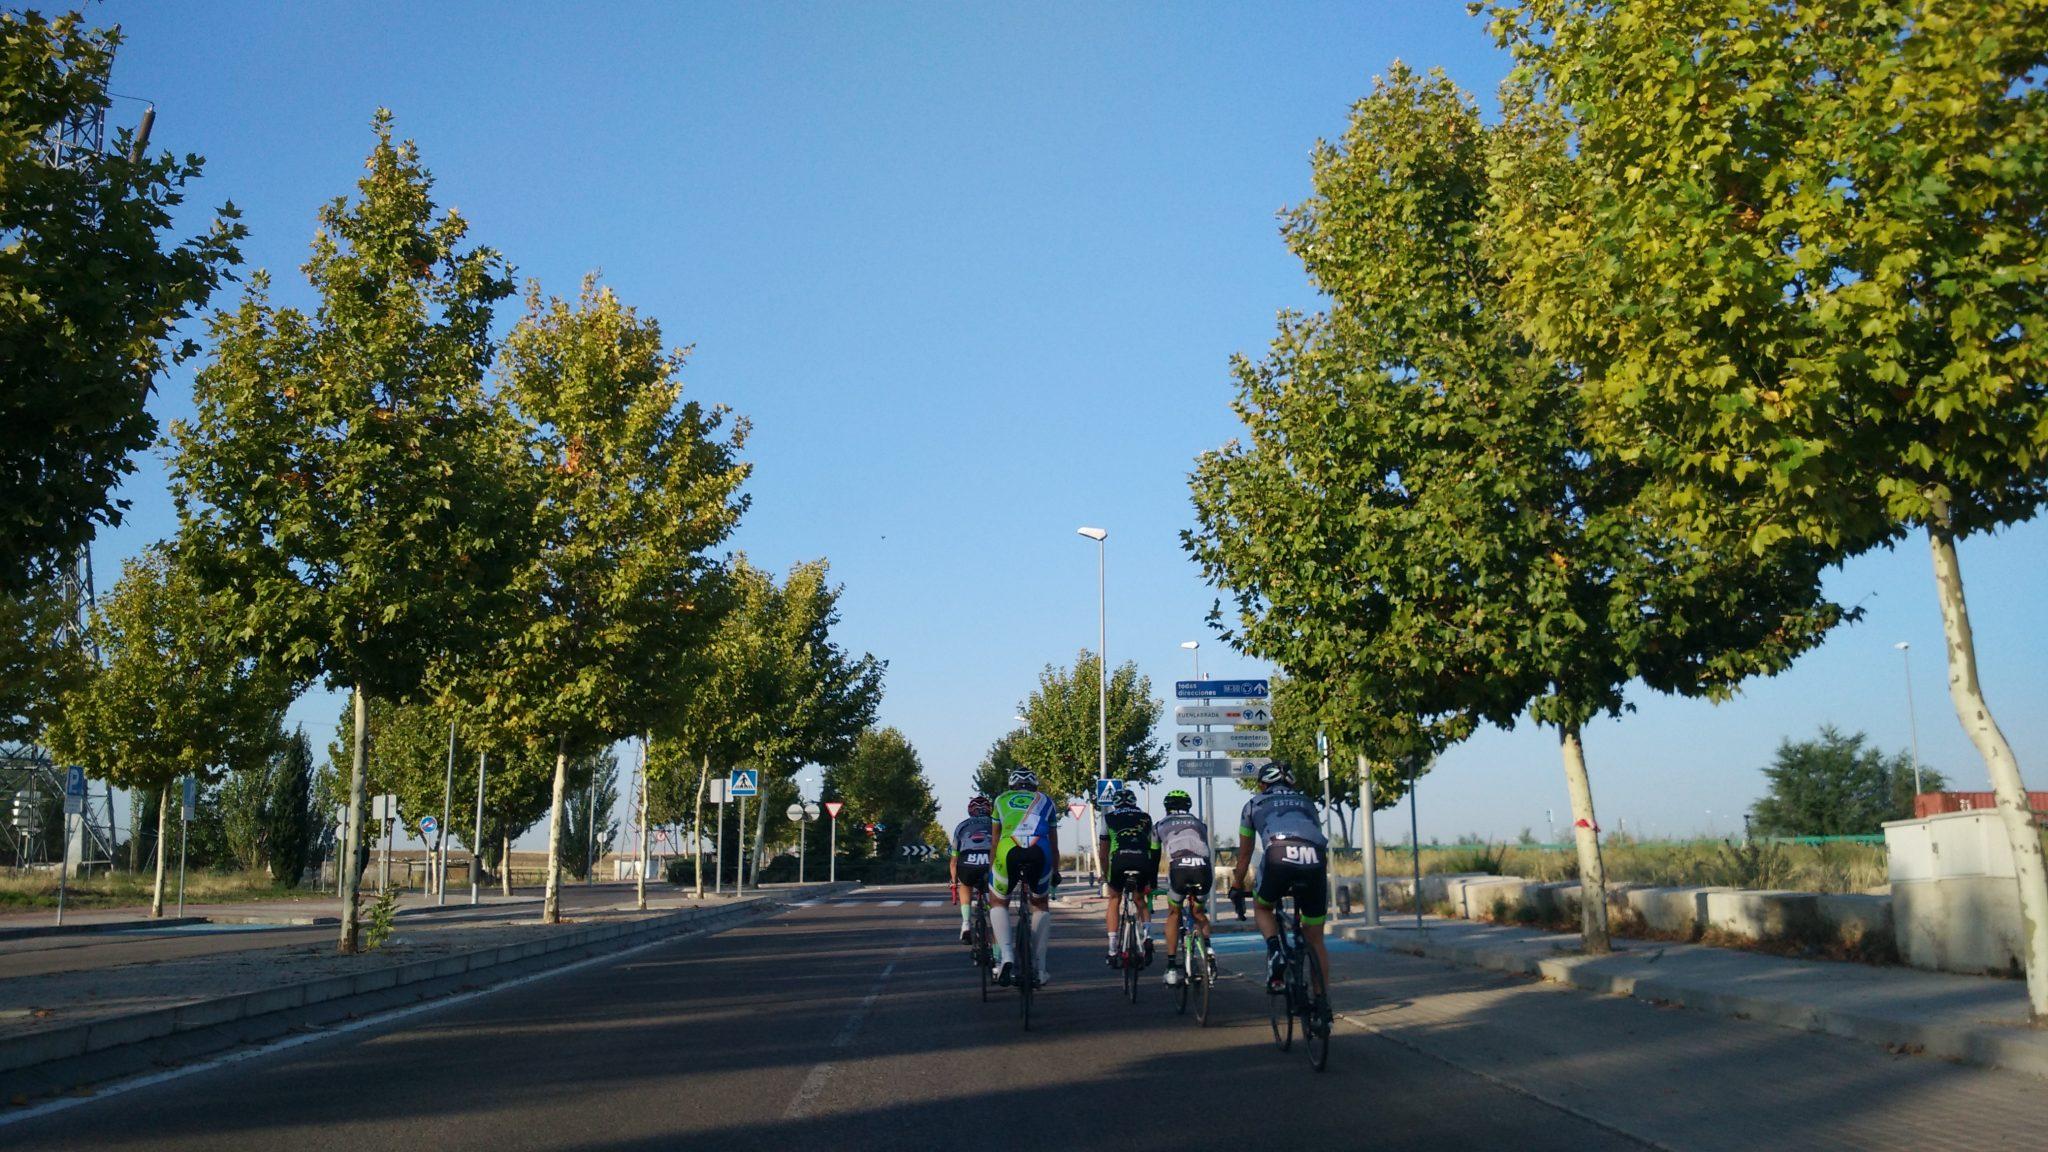 Grupeta_BM_Coche_240917_04_Biciletas Mañas BM-Tienda-de-venta-y-reparacion-de-bicicletas-Ridley-Madrid